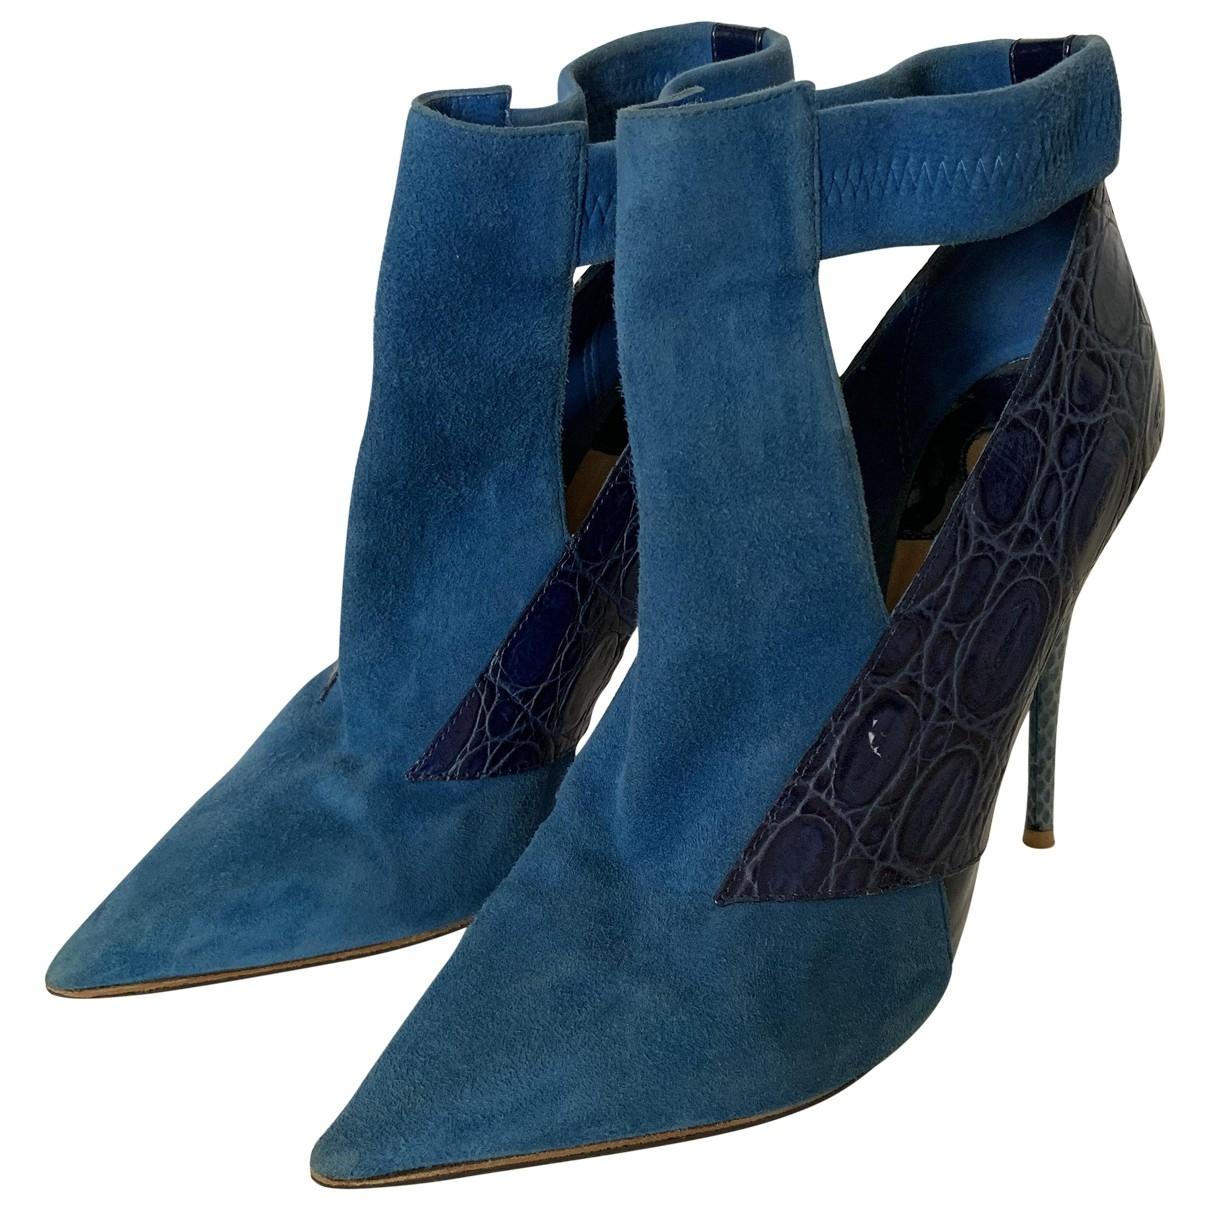 Chloe - Boots   pour femme en suede - bleu